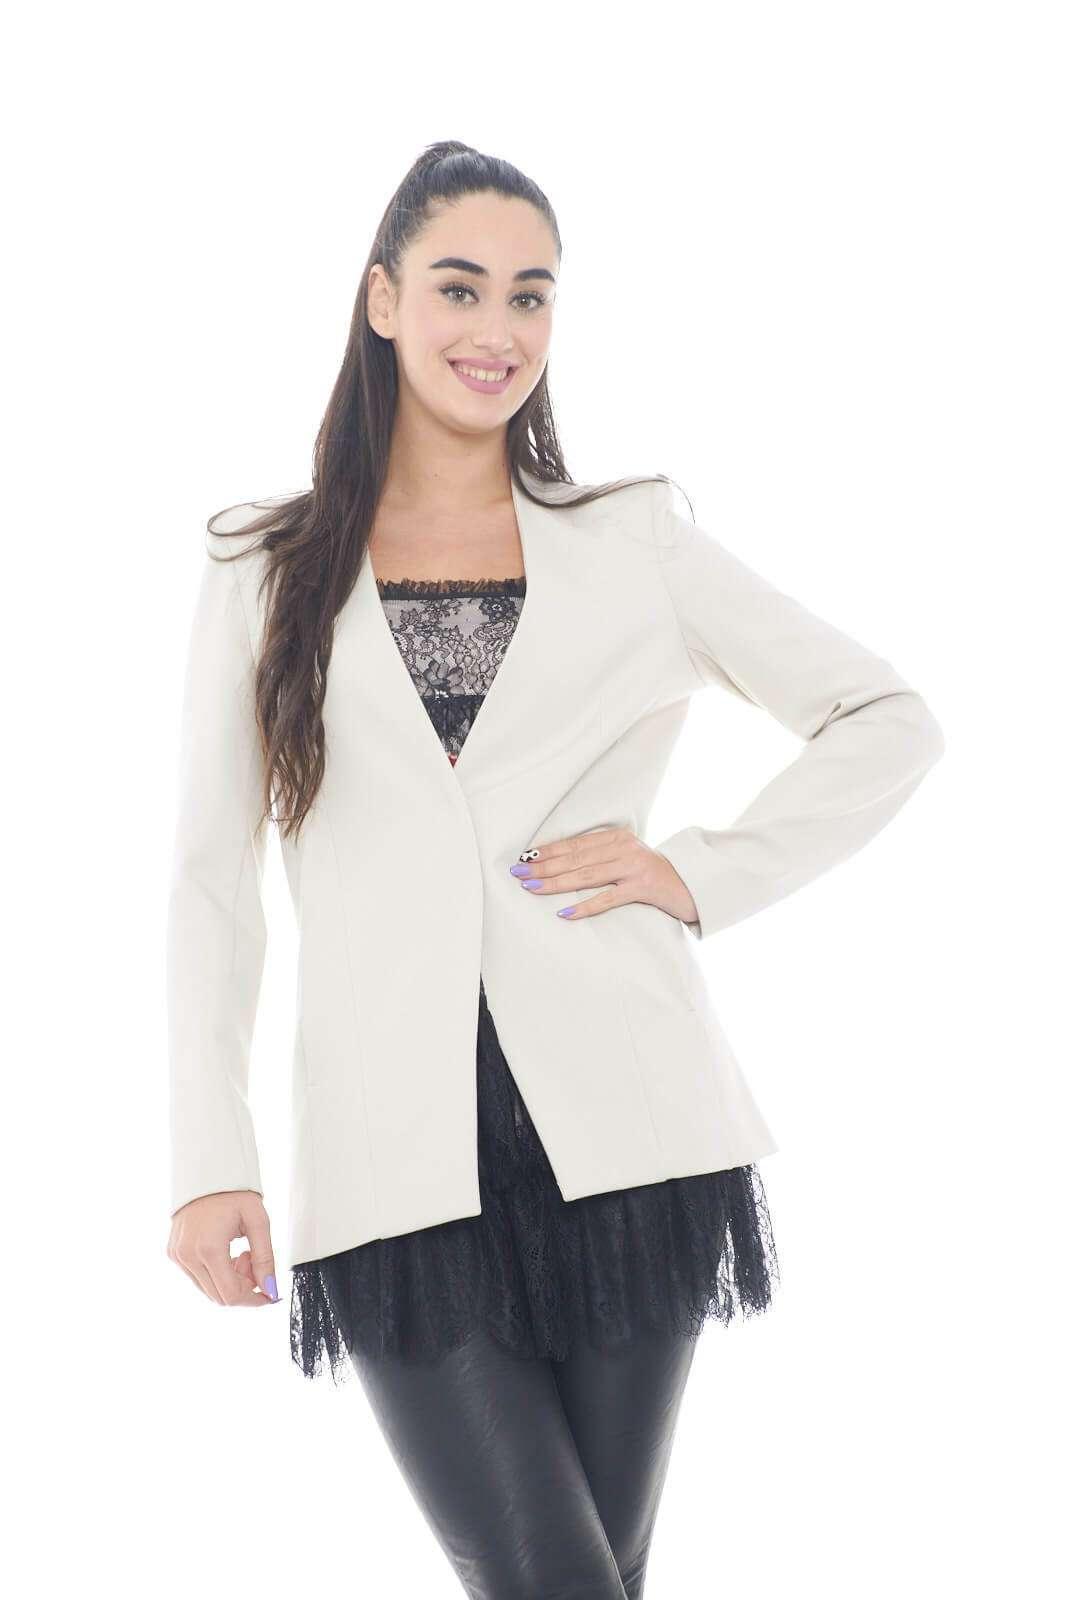 Elegante e semplice, questa giacca firmata Patrizia Pepe. Ideale per le evenienze più glamour, come cerimonie, o party, dove abbinata con una blusa, e un tacco, potrai sfoggiare un look chic ed esclusivo.  La modella è alta 1,78m e indossa la taglia 42.